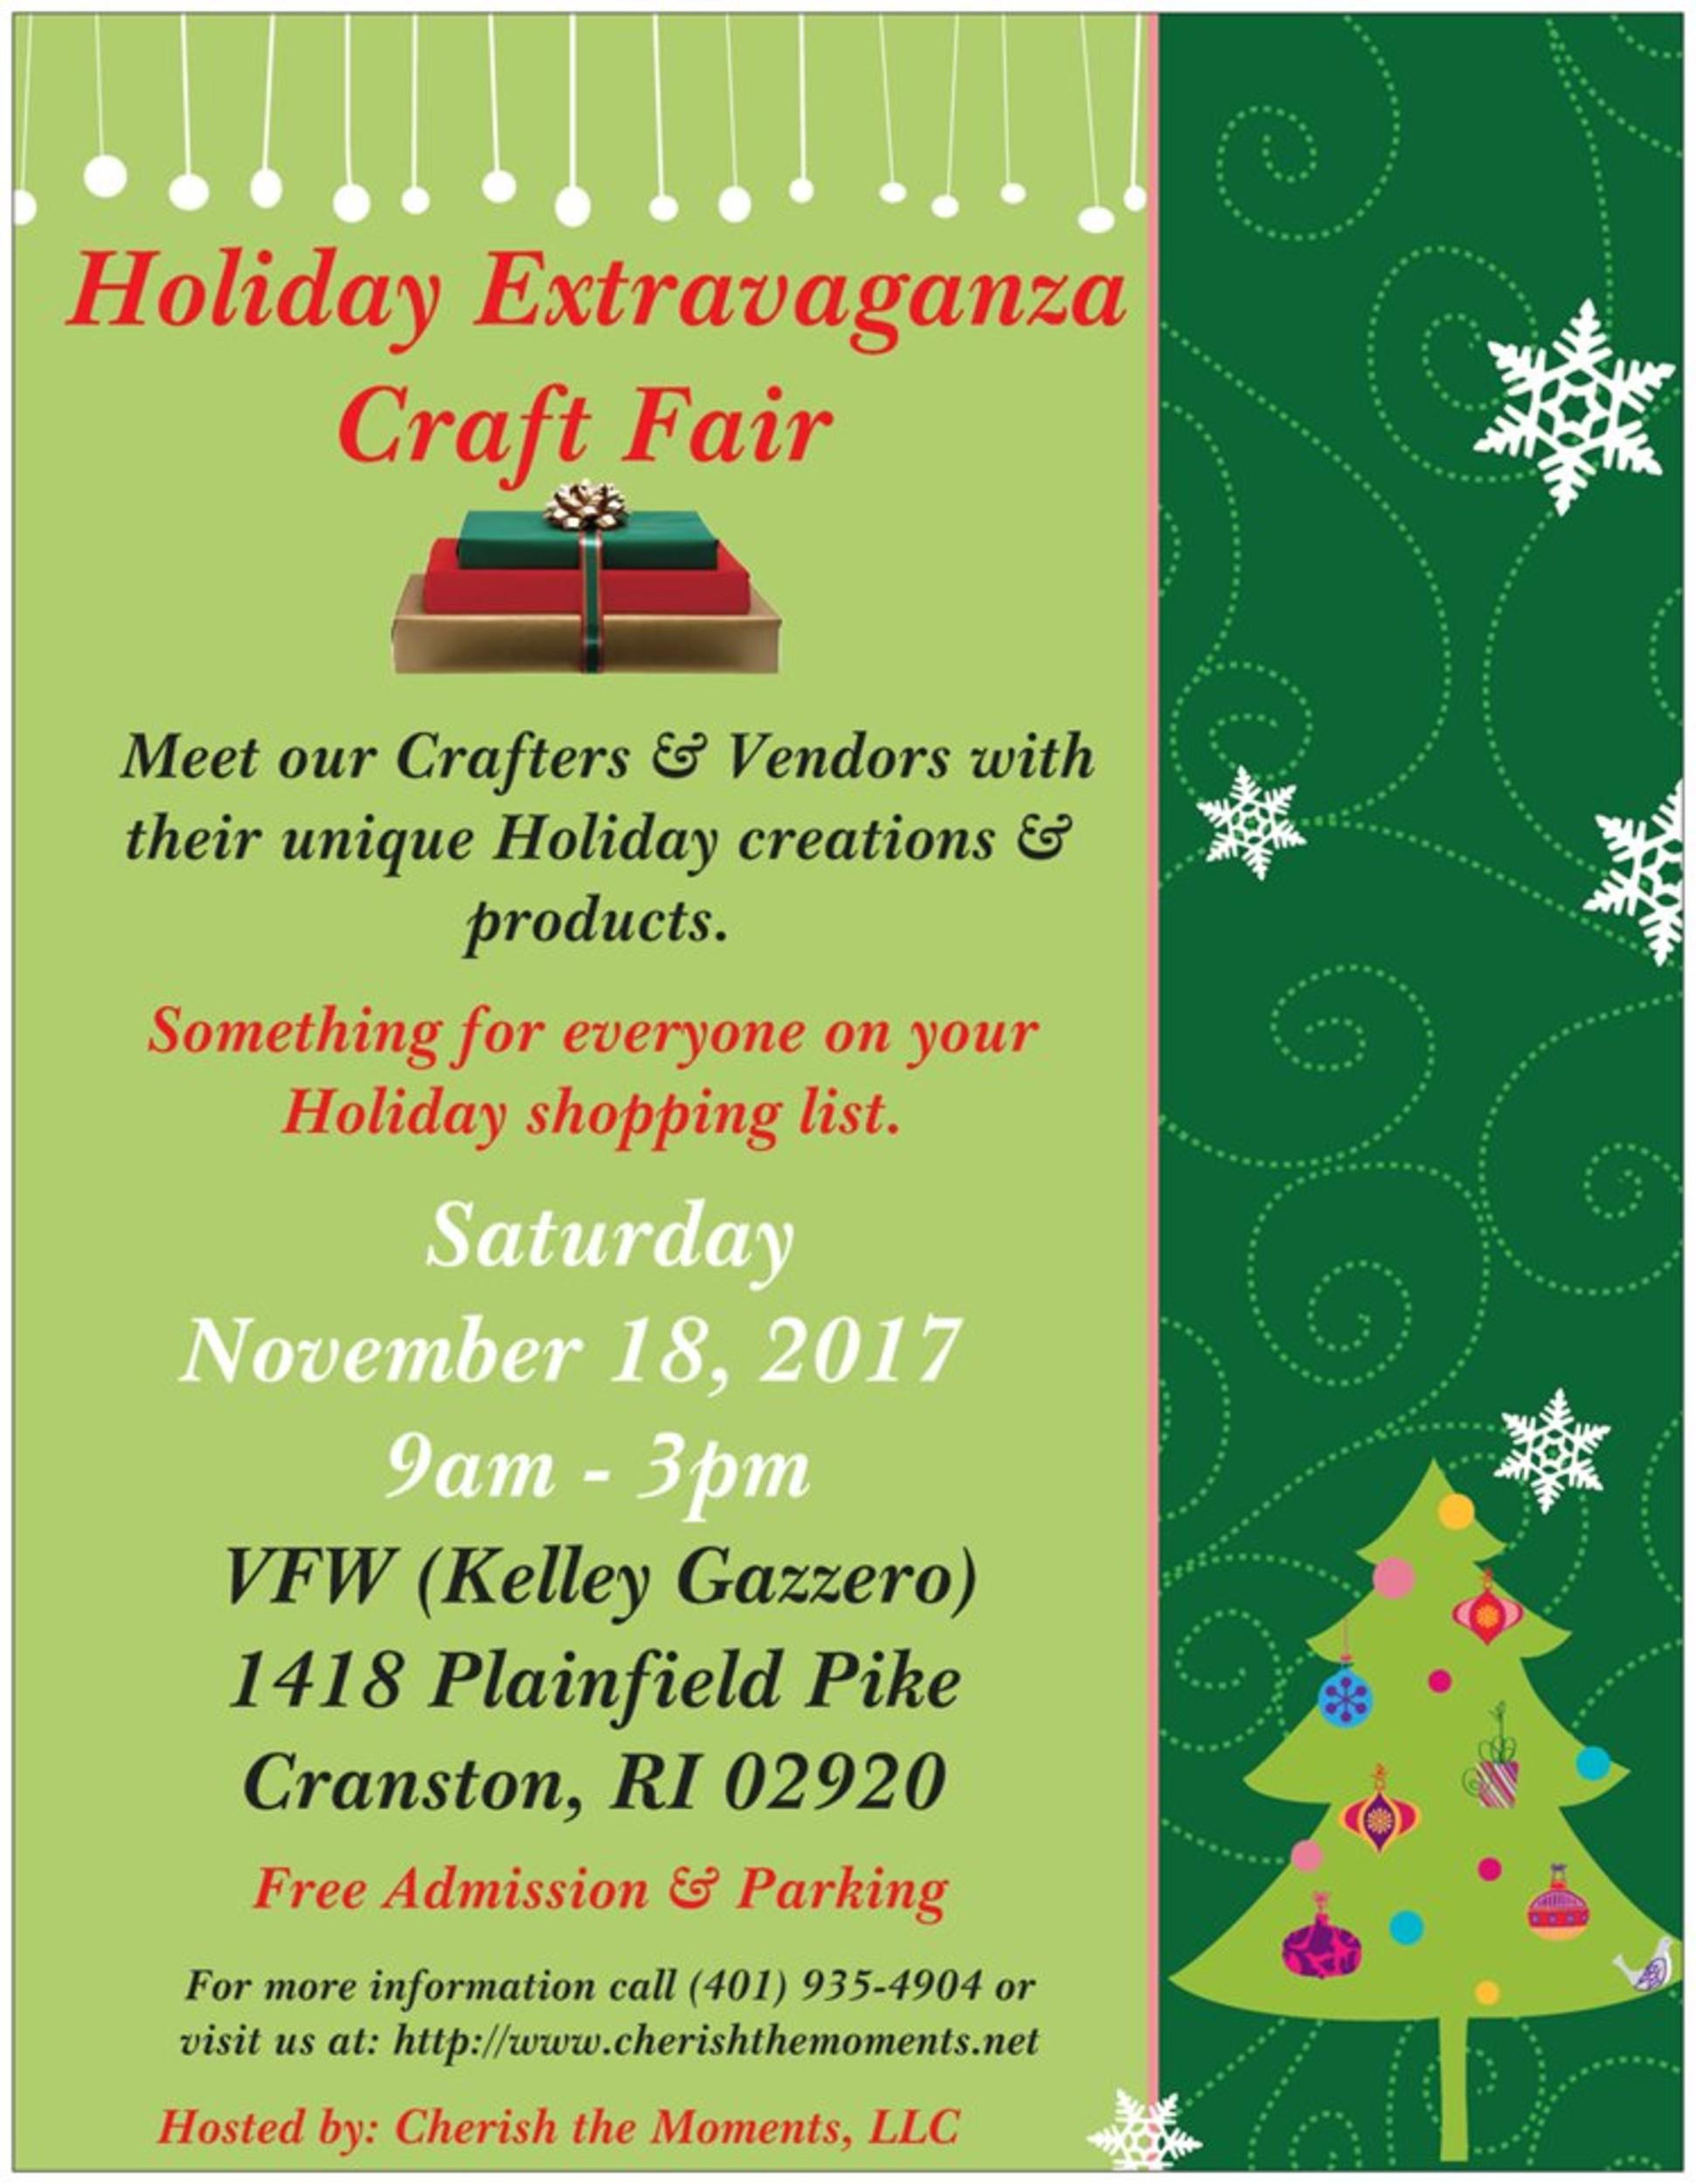 Cranston Holiday Extravaganza Craft Fair